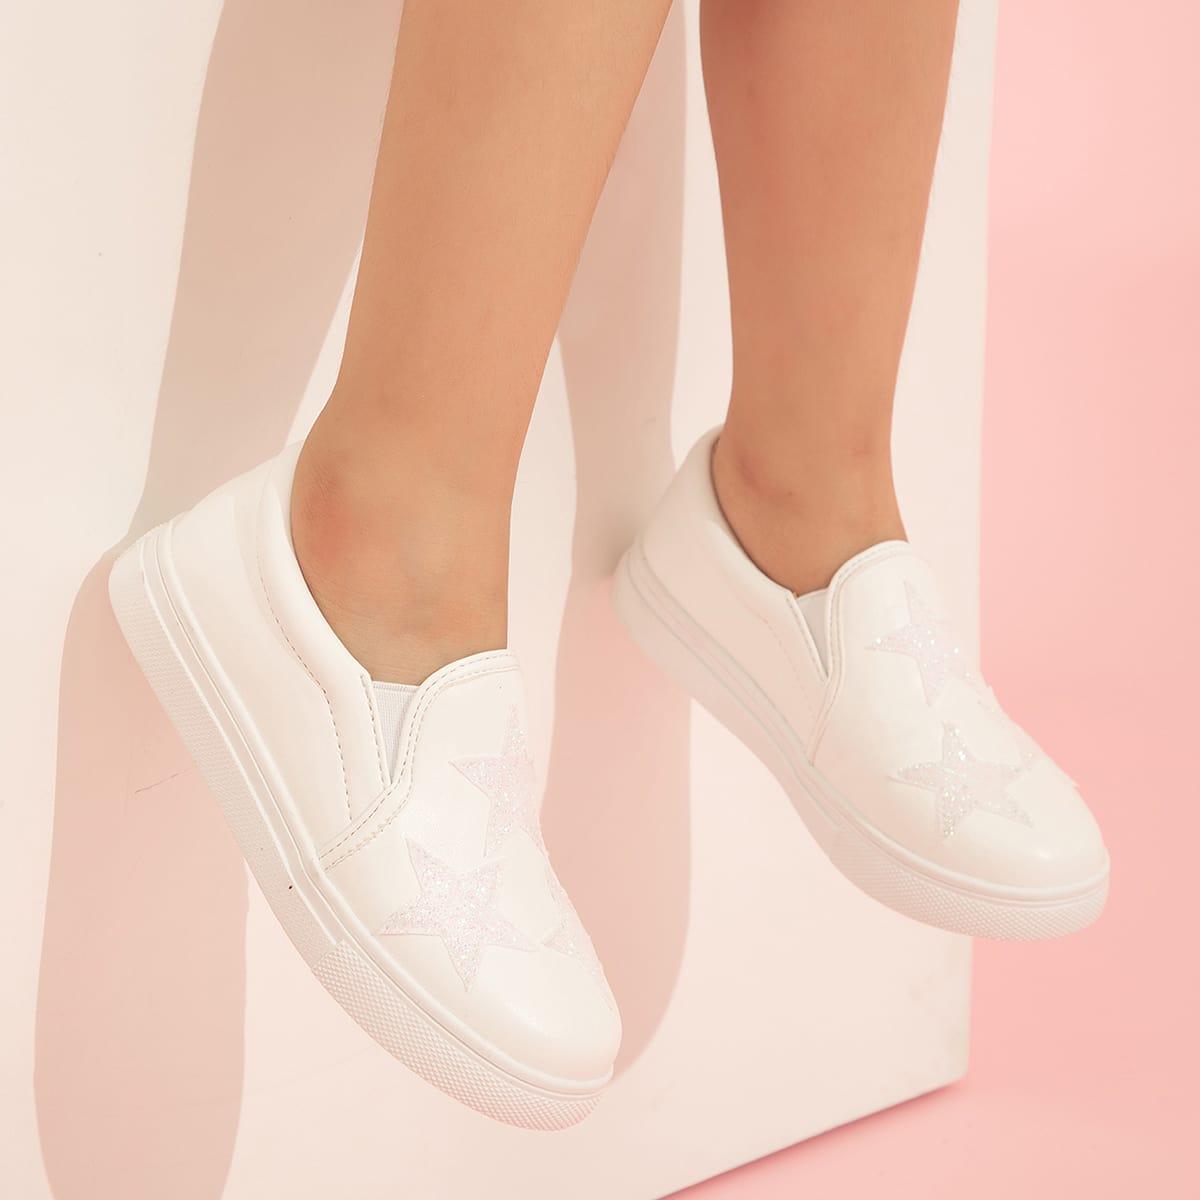 Кроссовки с аппликациями для девочек SheIn skshoes25210525309